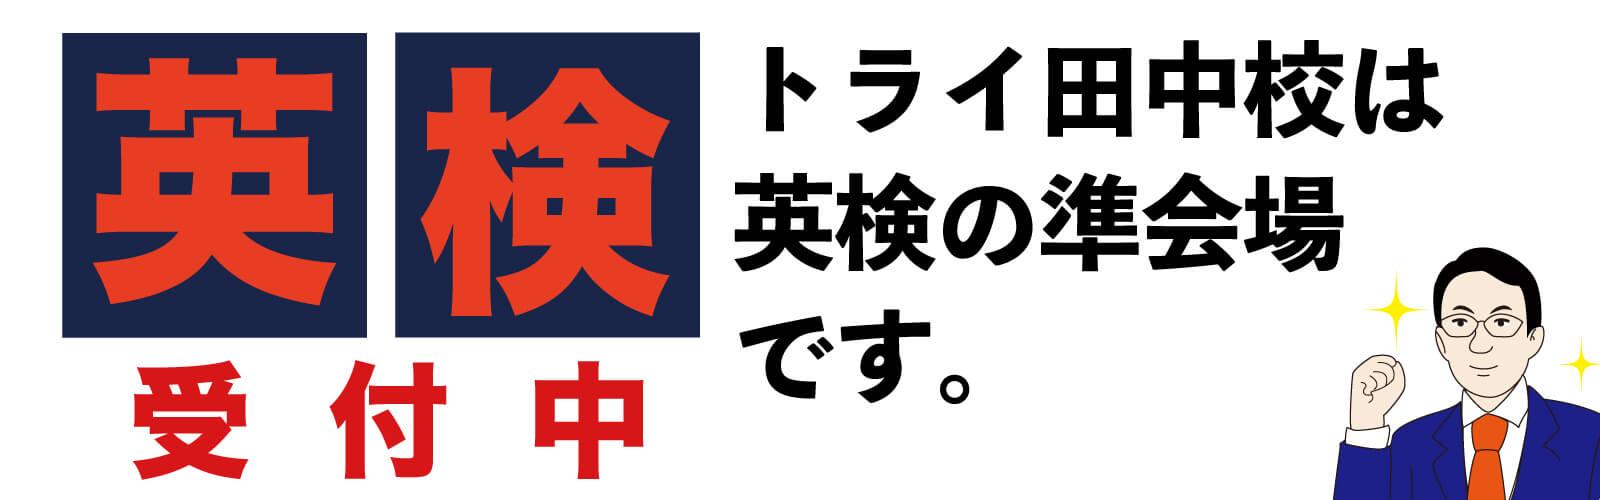 2019 岡山で英語検定の会場をお探しの方へ